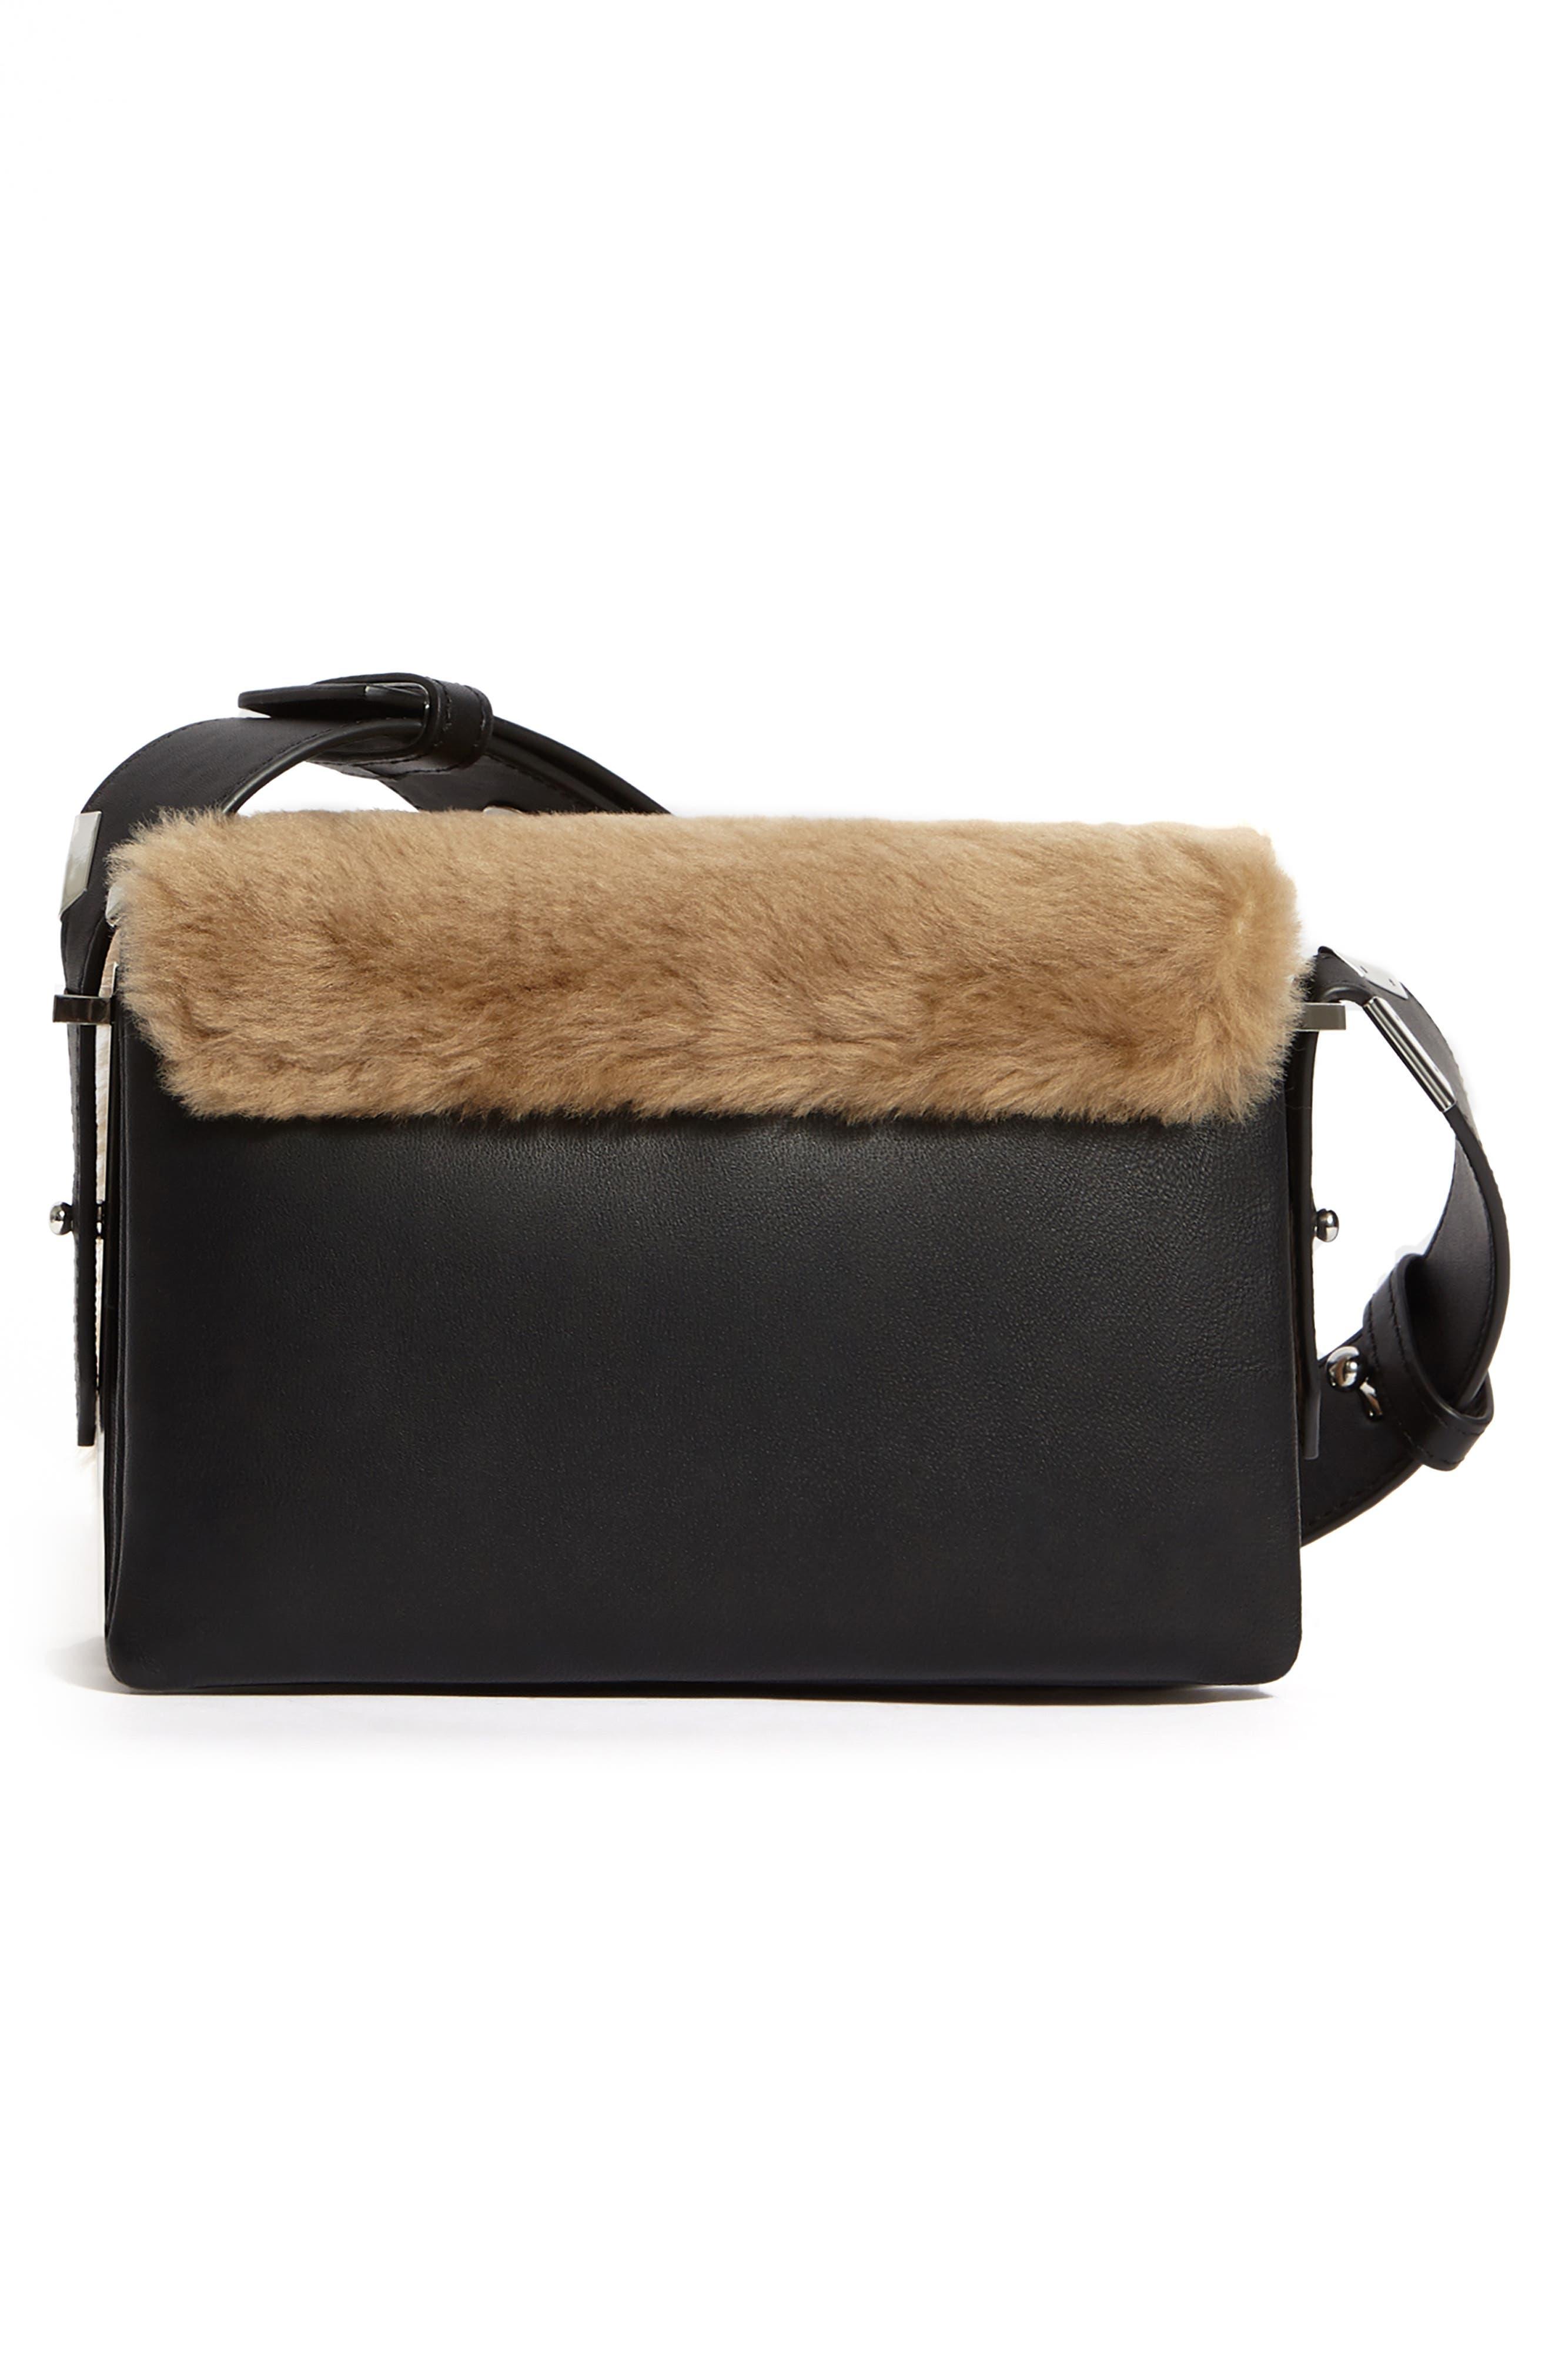 ALLSAINTS, Versailles Leather & Genuine Shearling Shoulder Bag, Alternate thumbnail 2, color, CAMEL